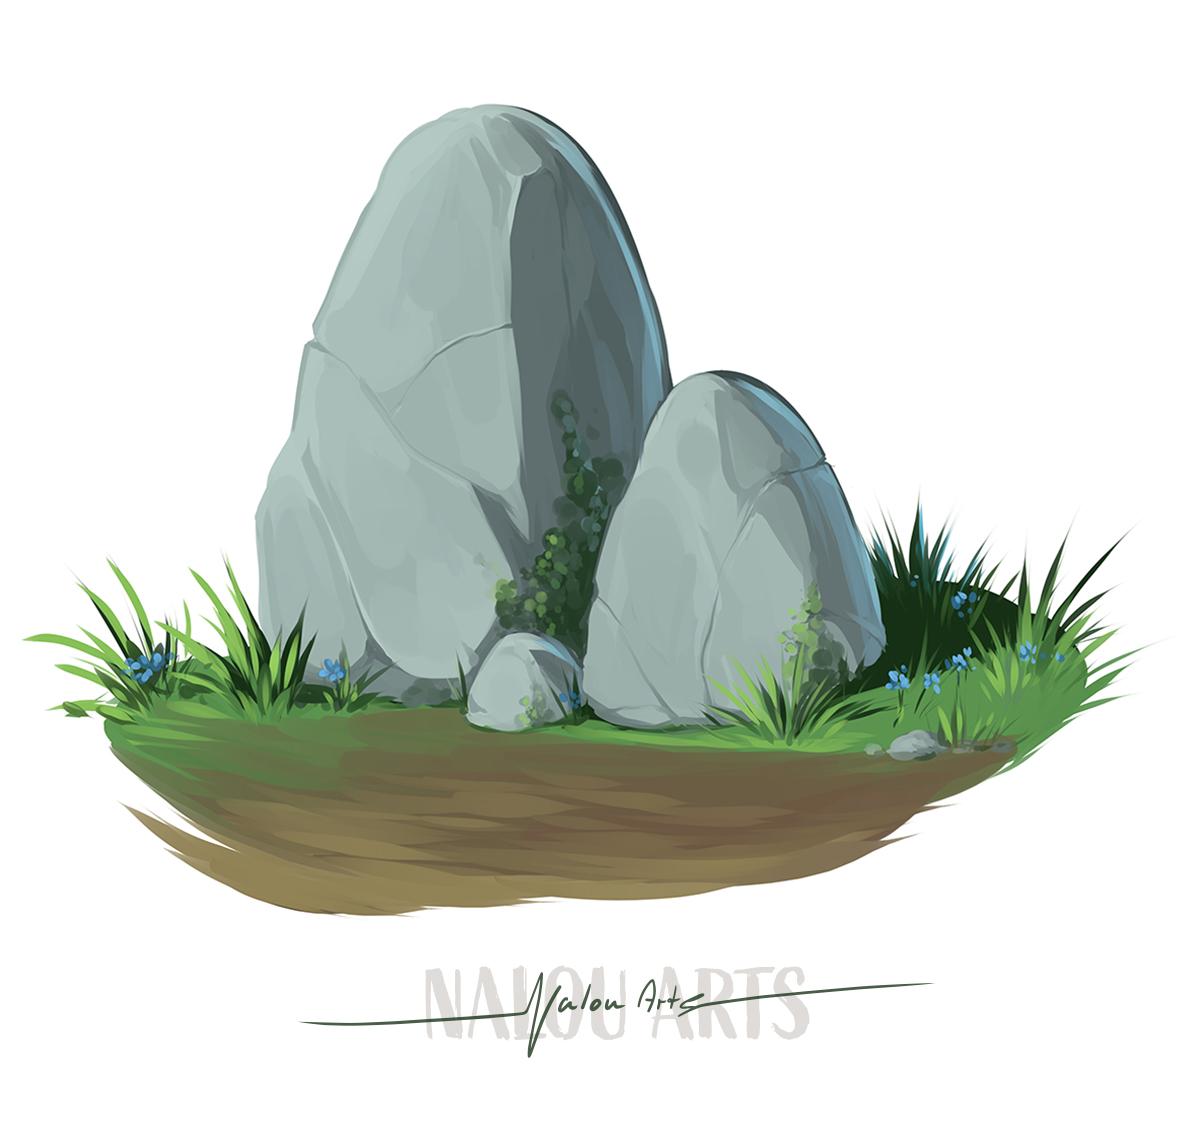 nalou_arts_environment_tutorial2